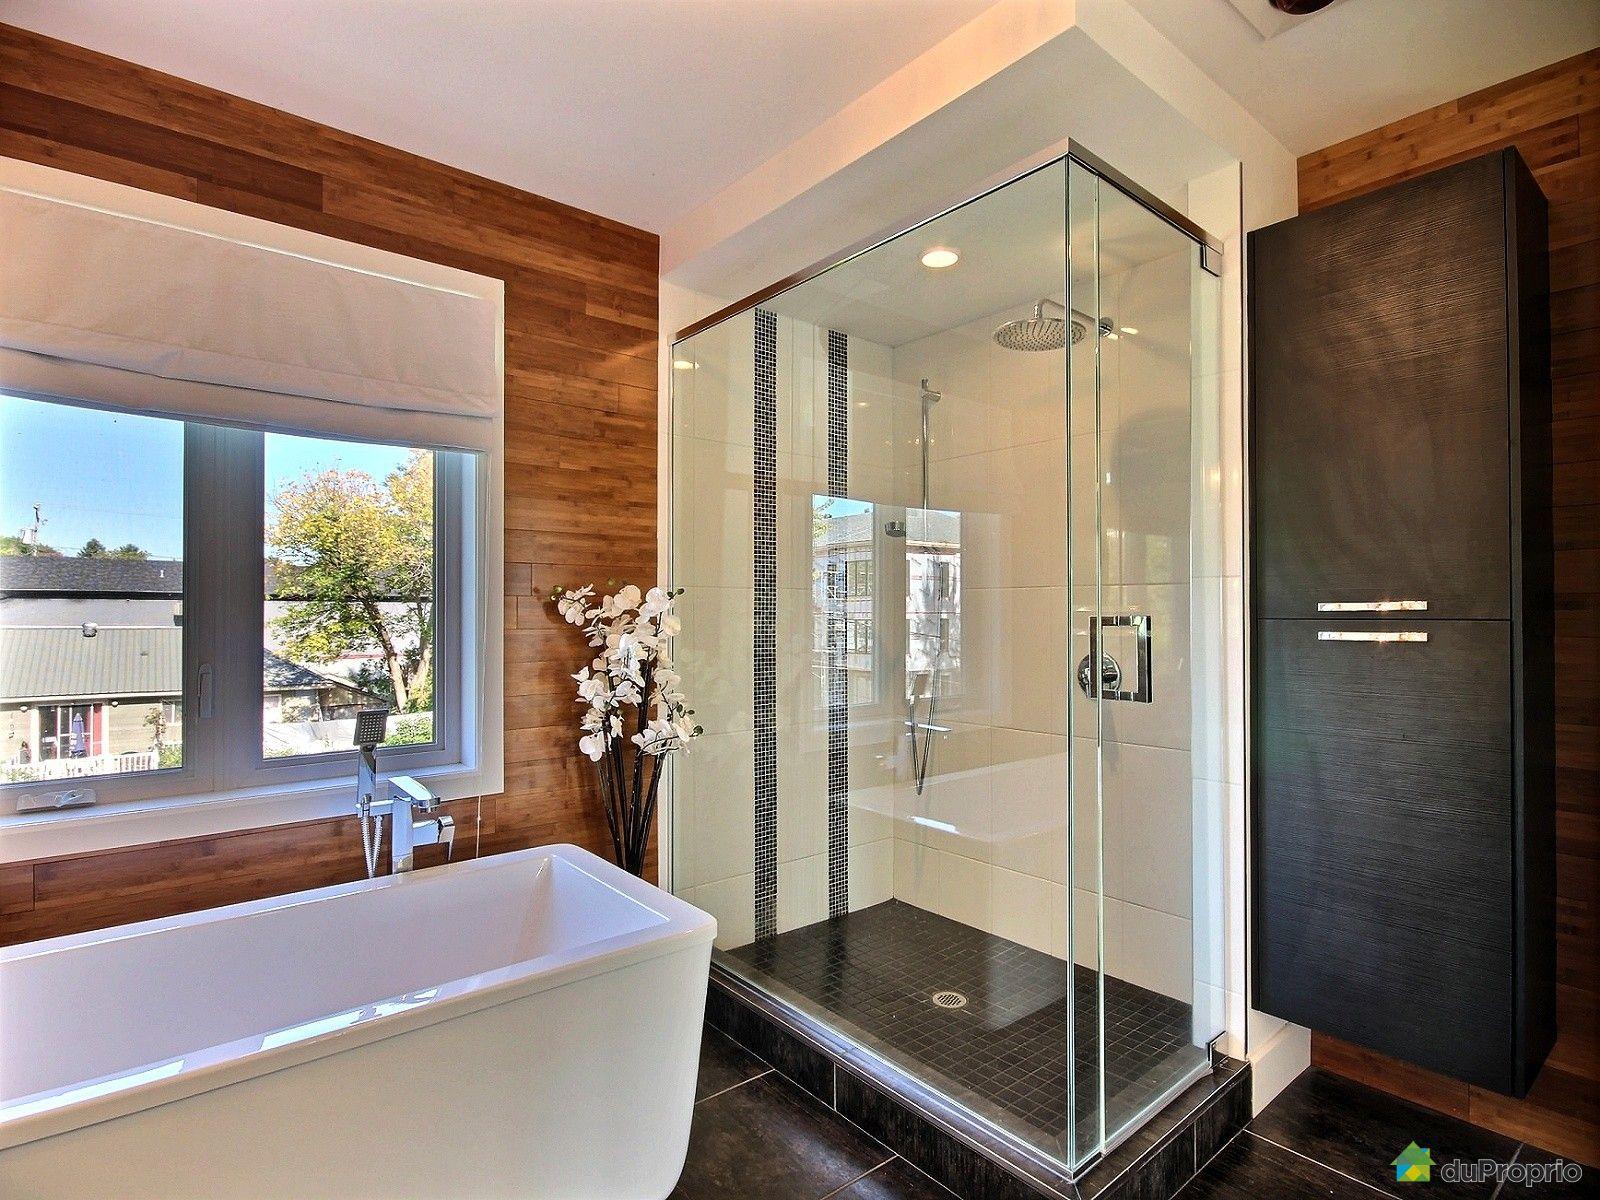 Maison vendre st eustache 83 21e avenue immobilier for Salle de bain 25 st eustache